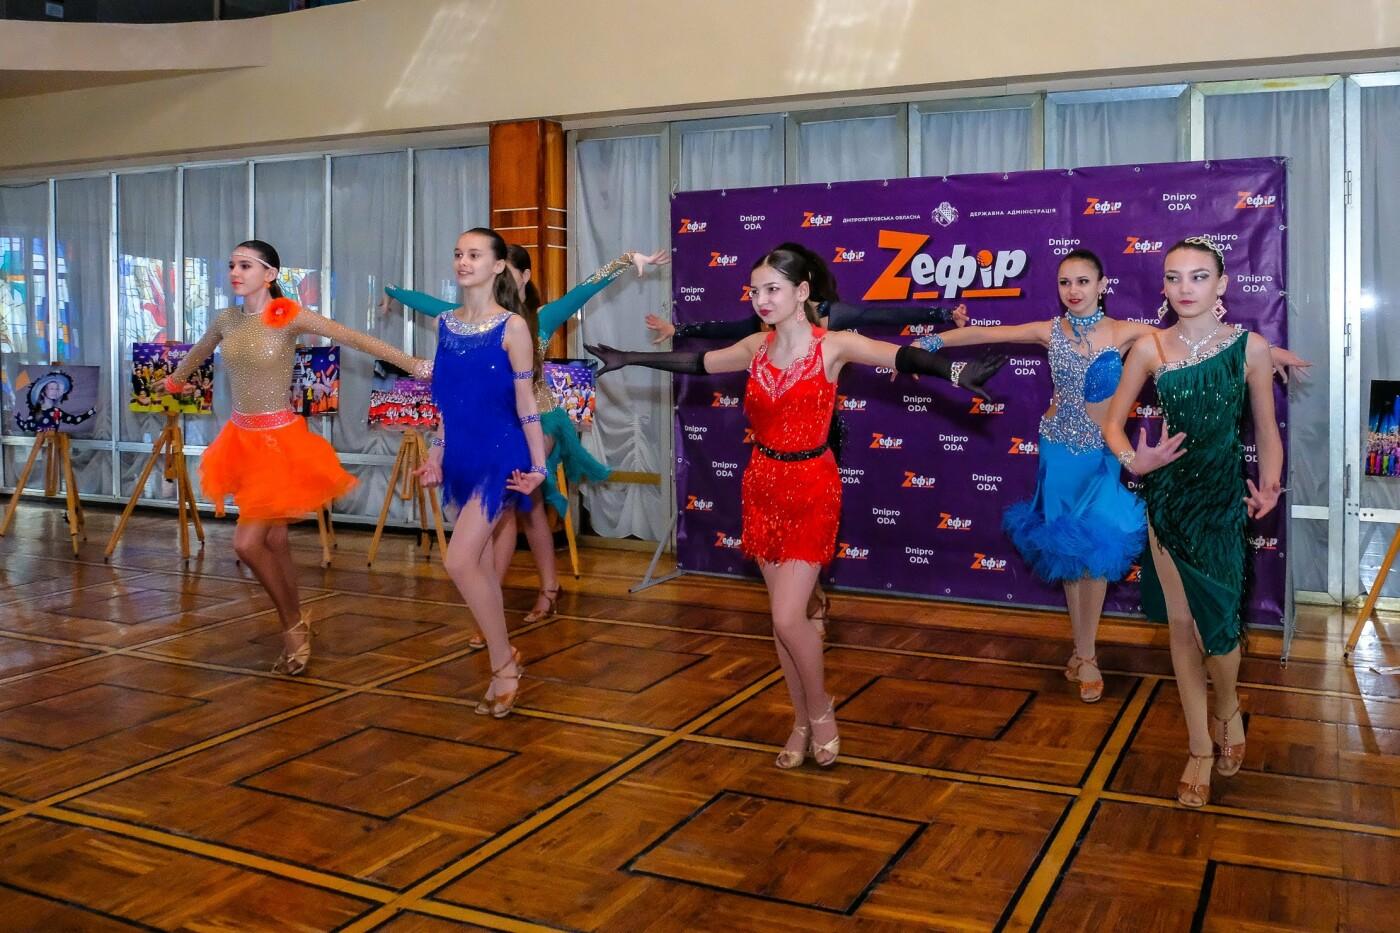 На пути к мечте: юные таланты «зажгли» сцену талант-фестиваля «Z_ефир» в Каменском, фото-10